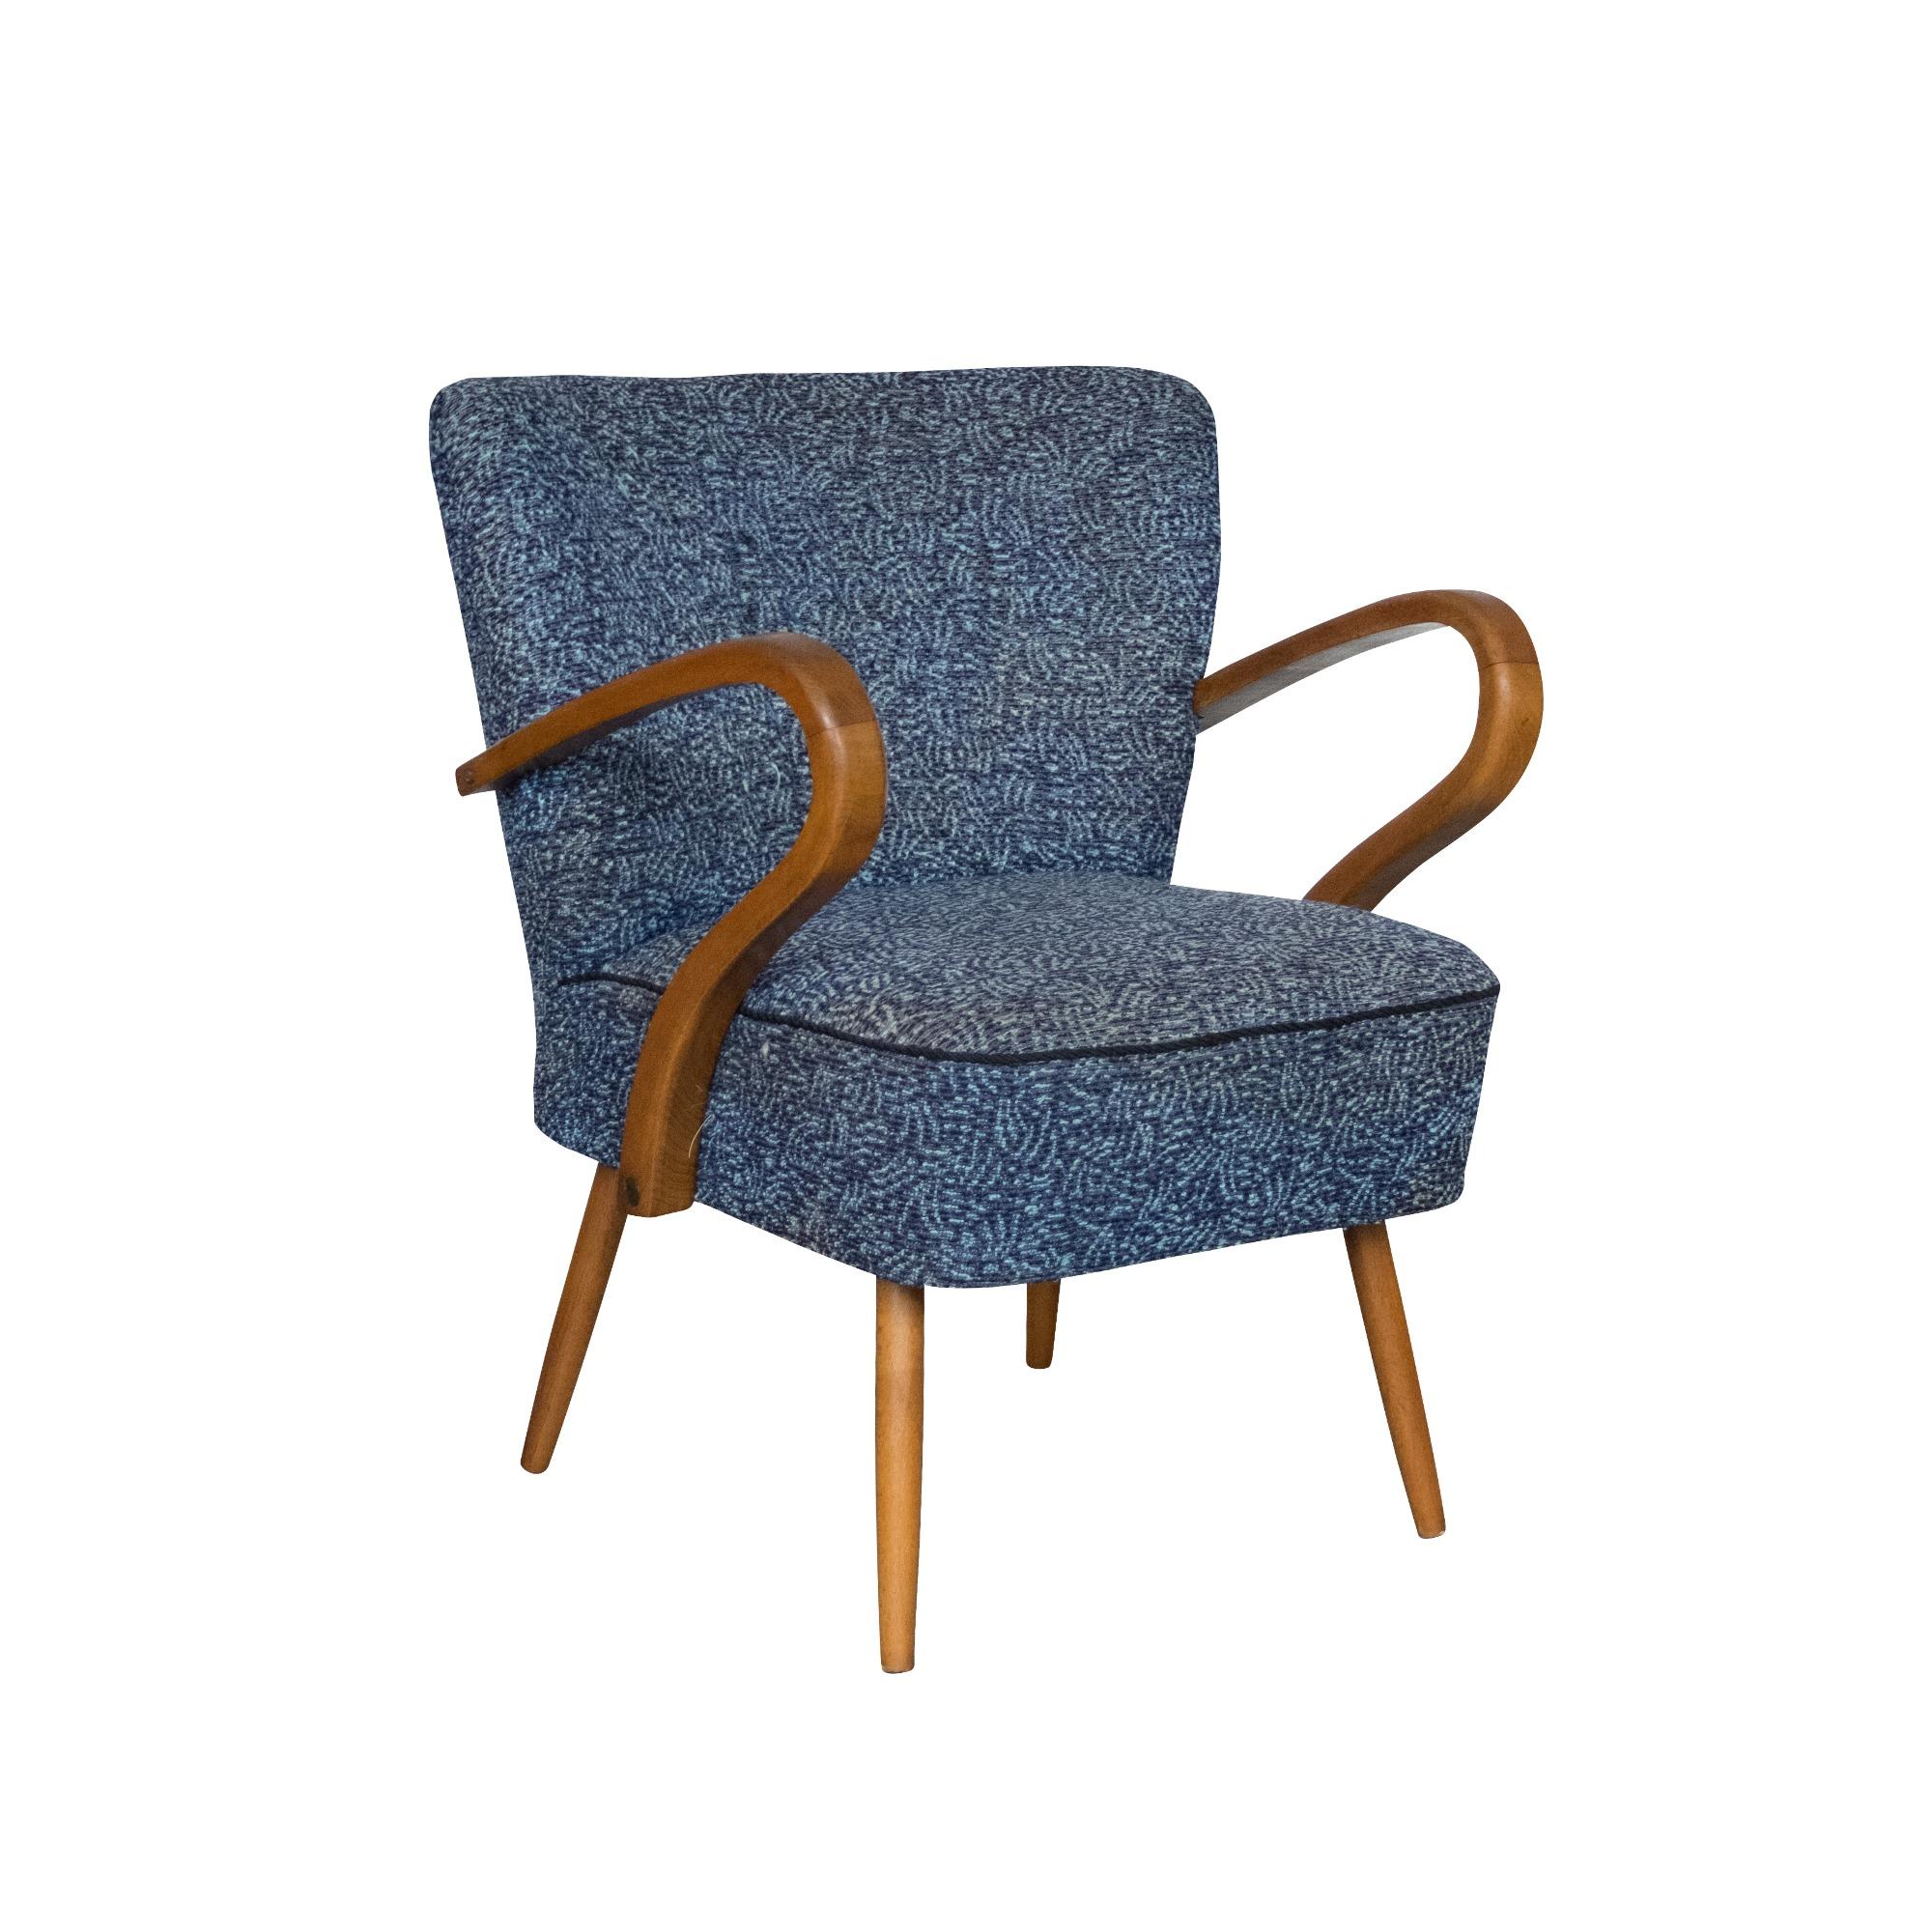 2000 2000 pixels fauteuil cocktail - Fauteuil Cocktail Vintage